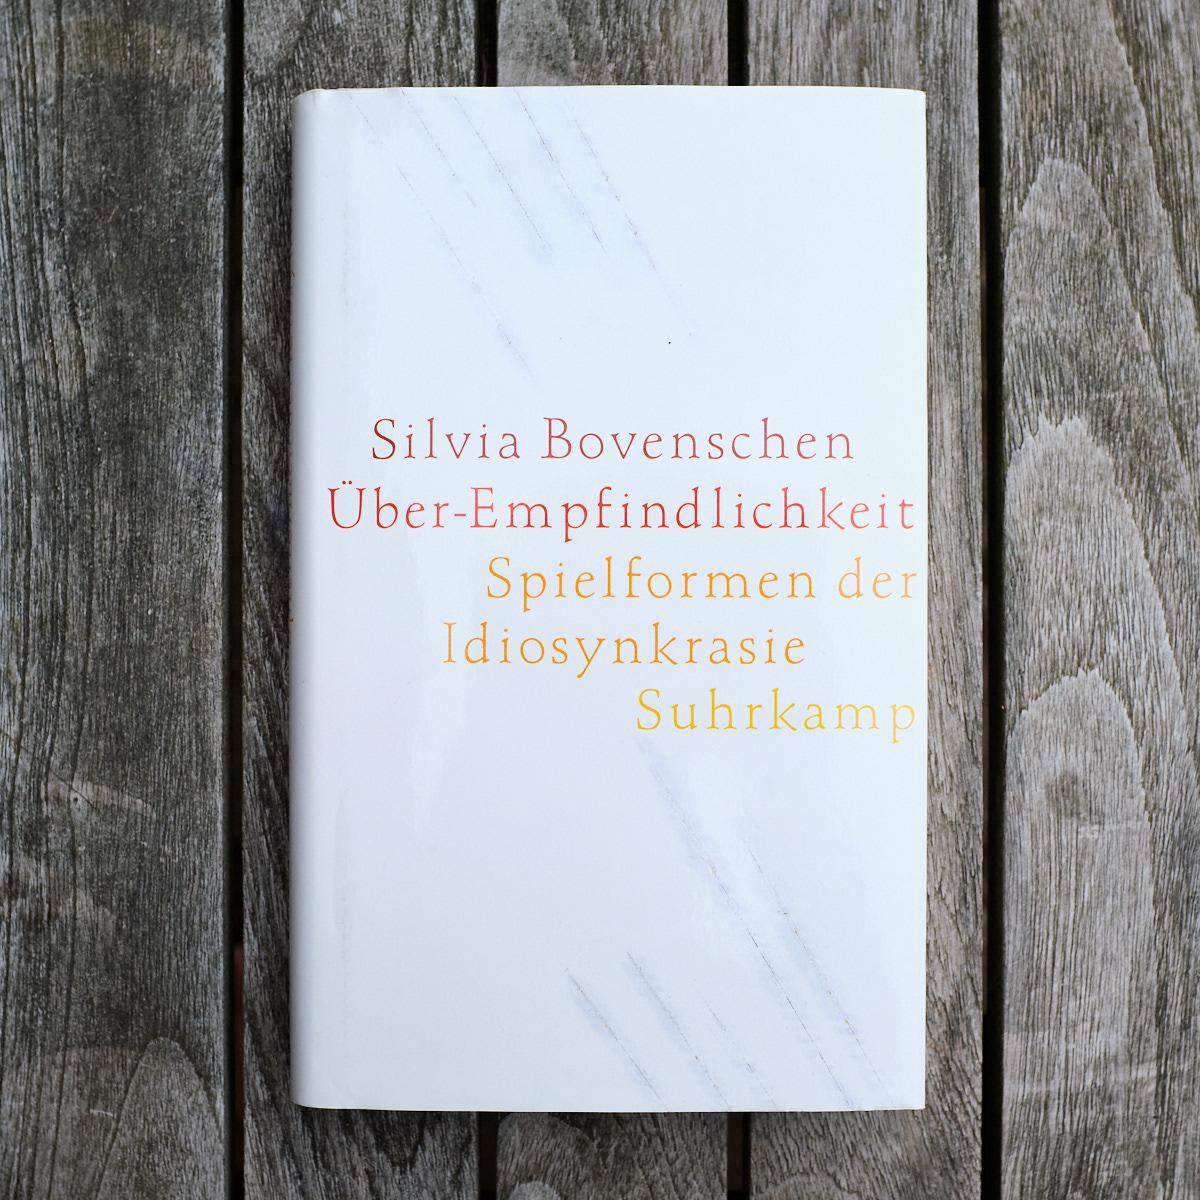 Silvia Bovenschen,  Über-Empfindlichkeit. Spielformen der Idiosynkrasie  (Frankfurt am Main: Suhrkamp, 2000)   Buch der Woche vom 03.06.2018